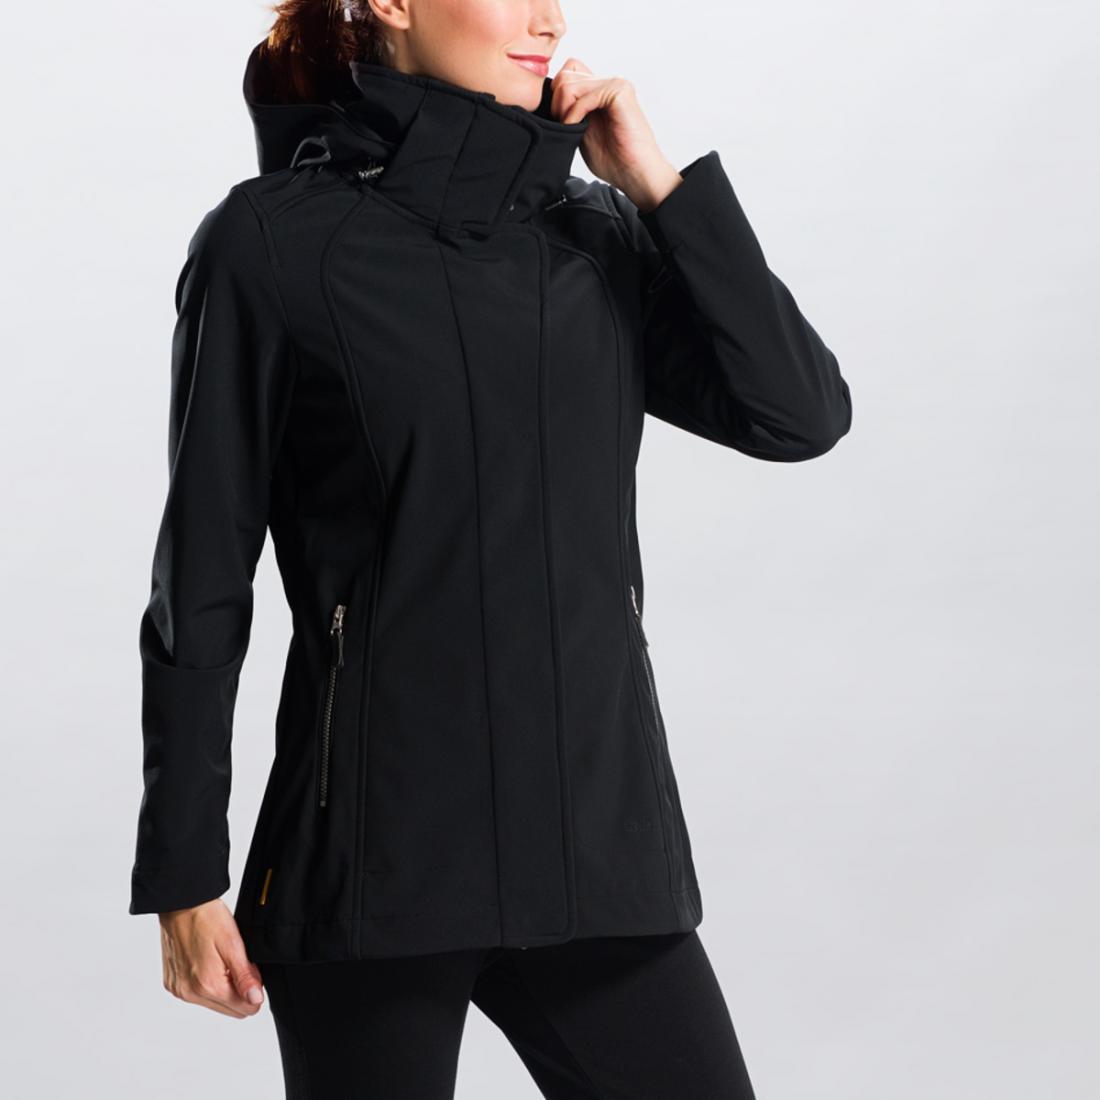 Куртка LUW0191 STUNNING JACKETКуртки<br>Легкий демисезонный плащ из софтшела с оригинальным принтом – функциональная и женственная вещь. <br> <br><br>Регулировки сзади на талии.<br>Воротник-стоечка.<br>Съемный капюшон со стяжками.<br>Два кармана на молнии.&lt;/li...<br><br>Цвет: Черный<br>Размер: M